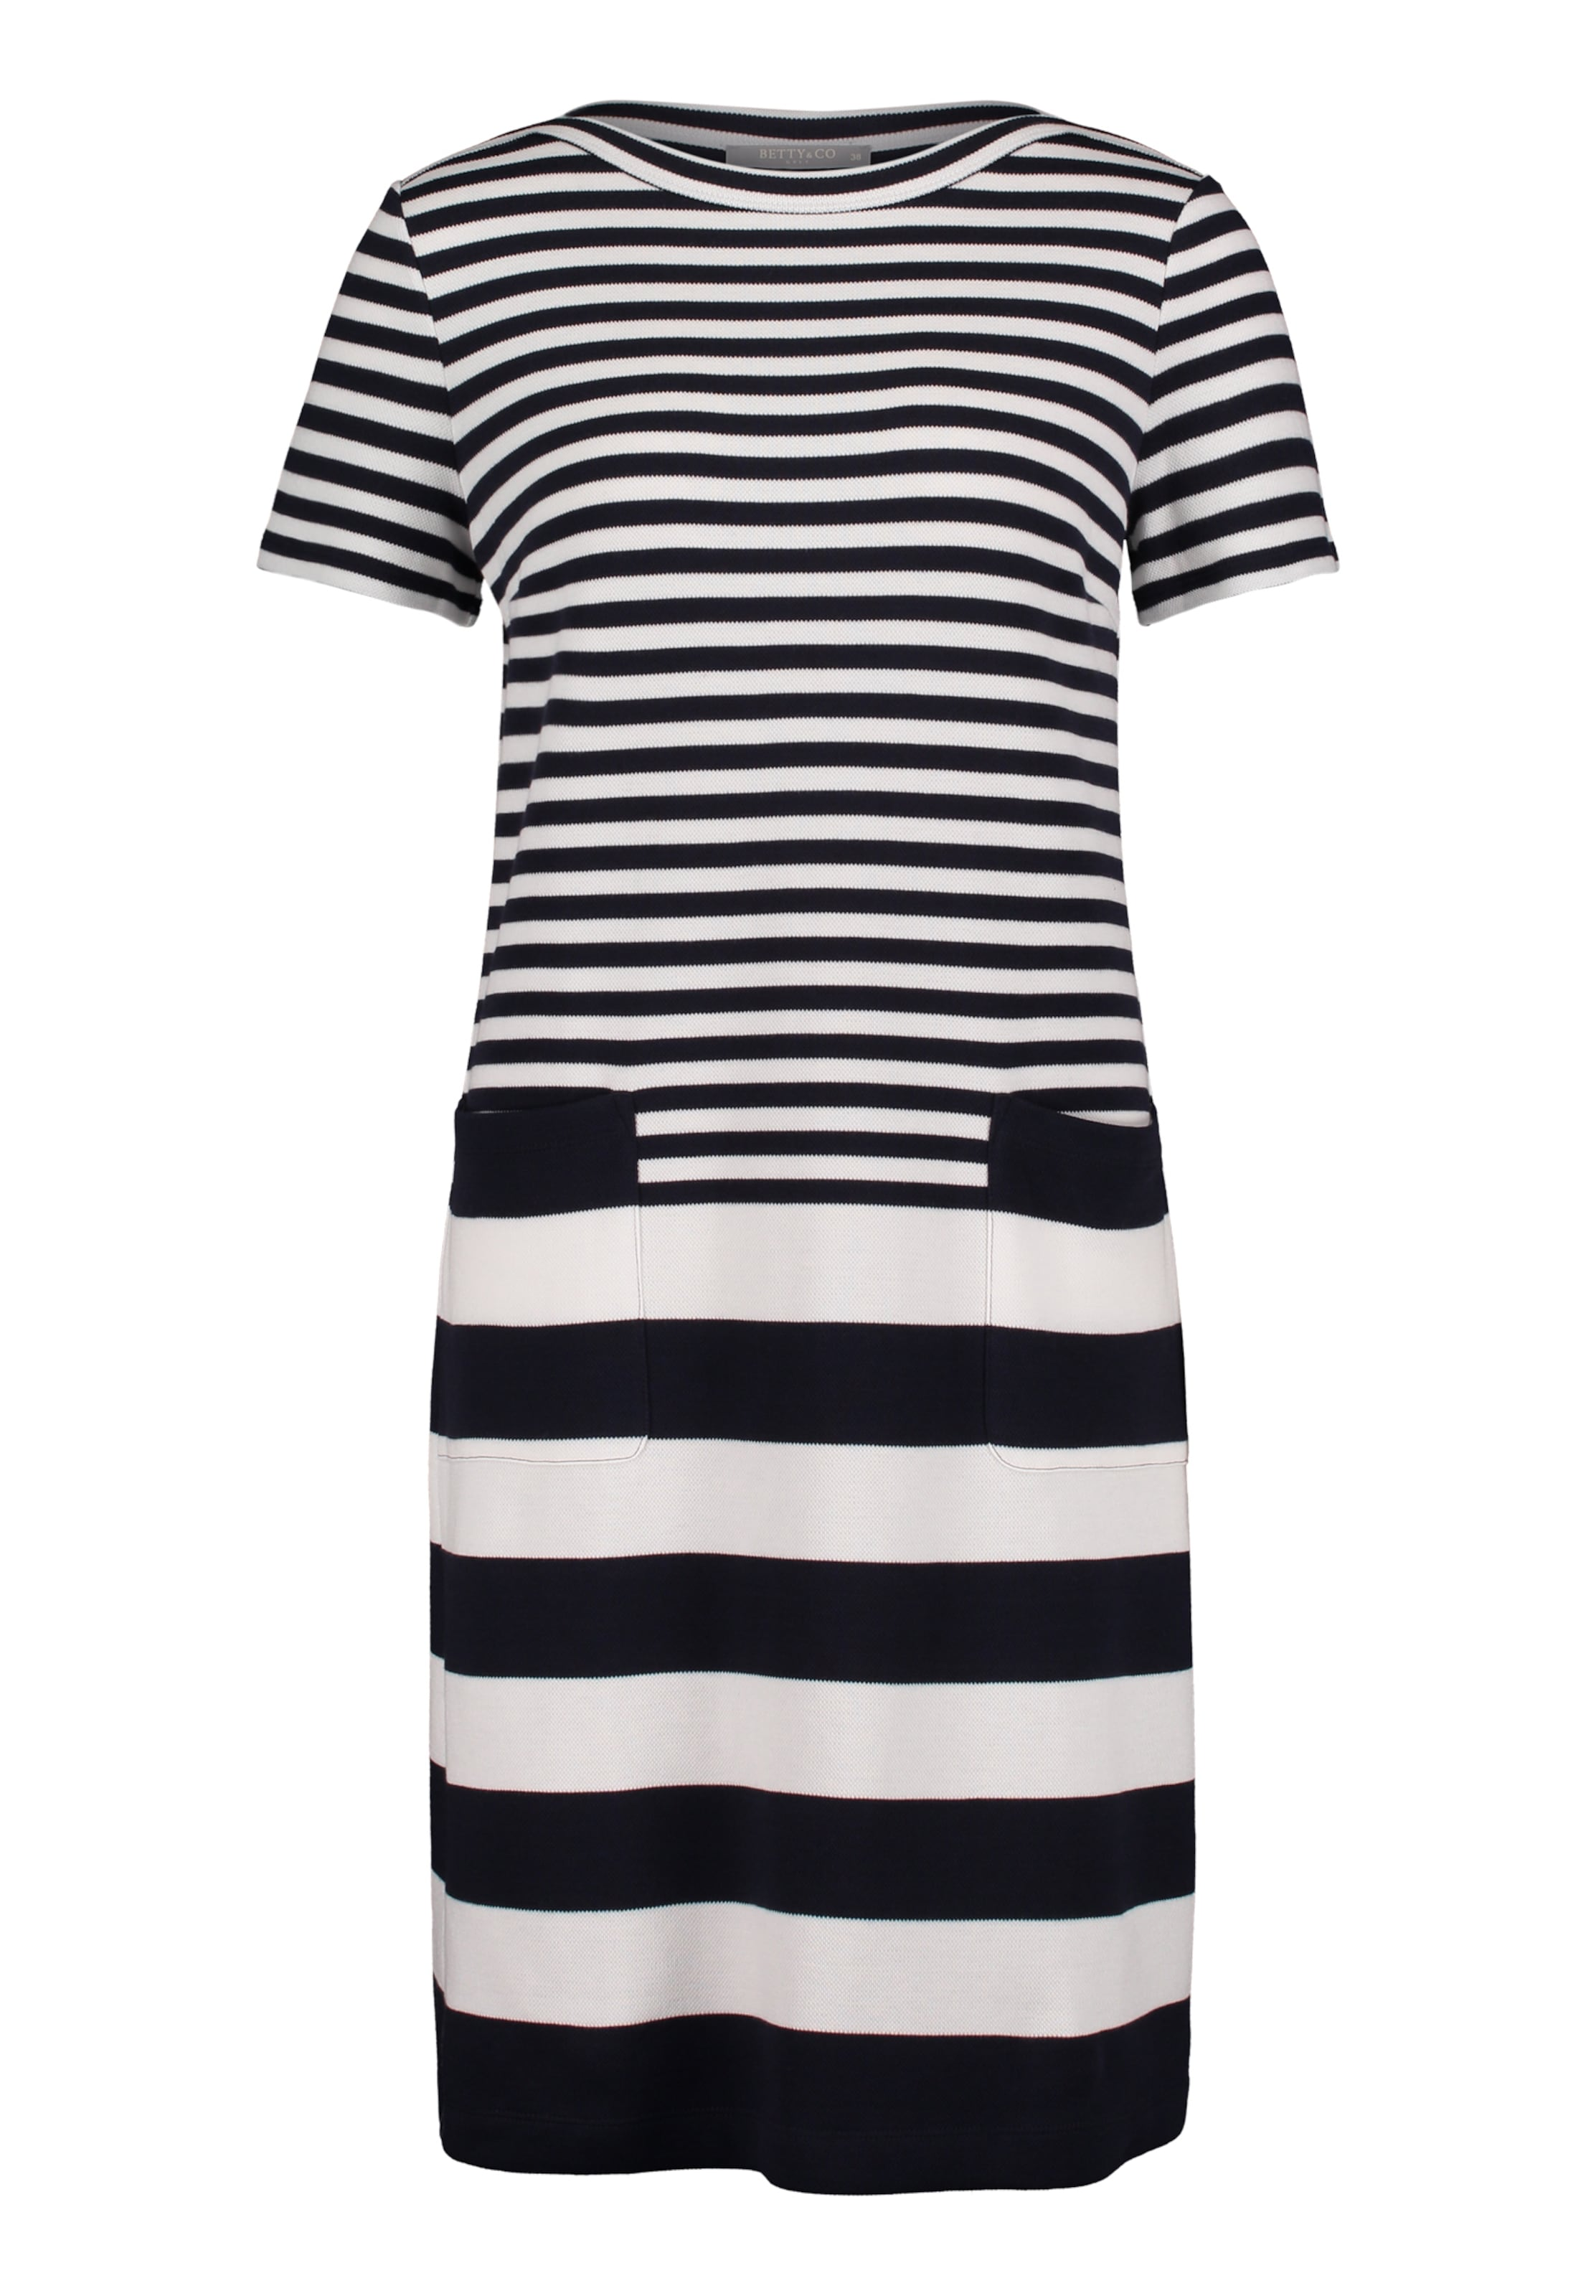 Bettyamp; Co Kleid KobaltblauWeiß In uJcTK5l3F1